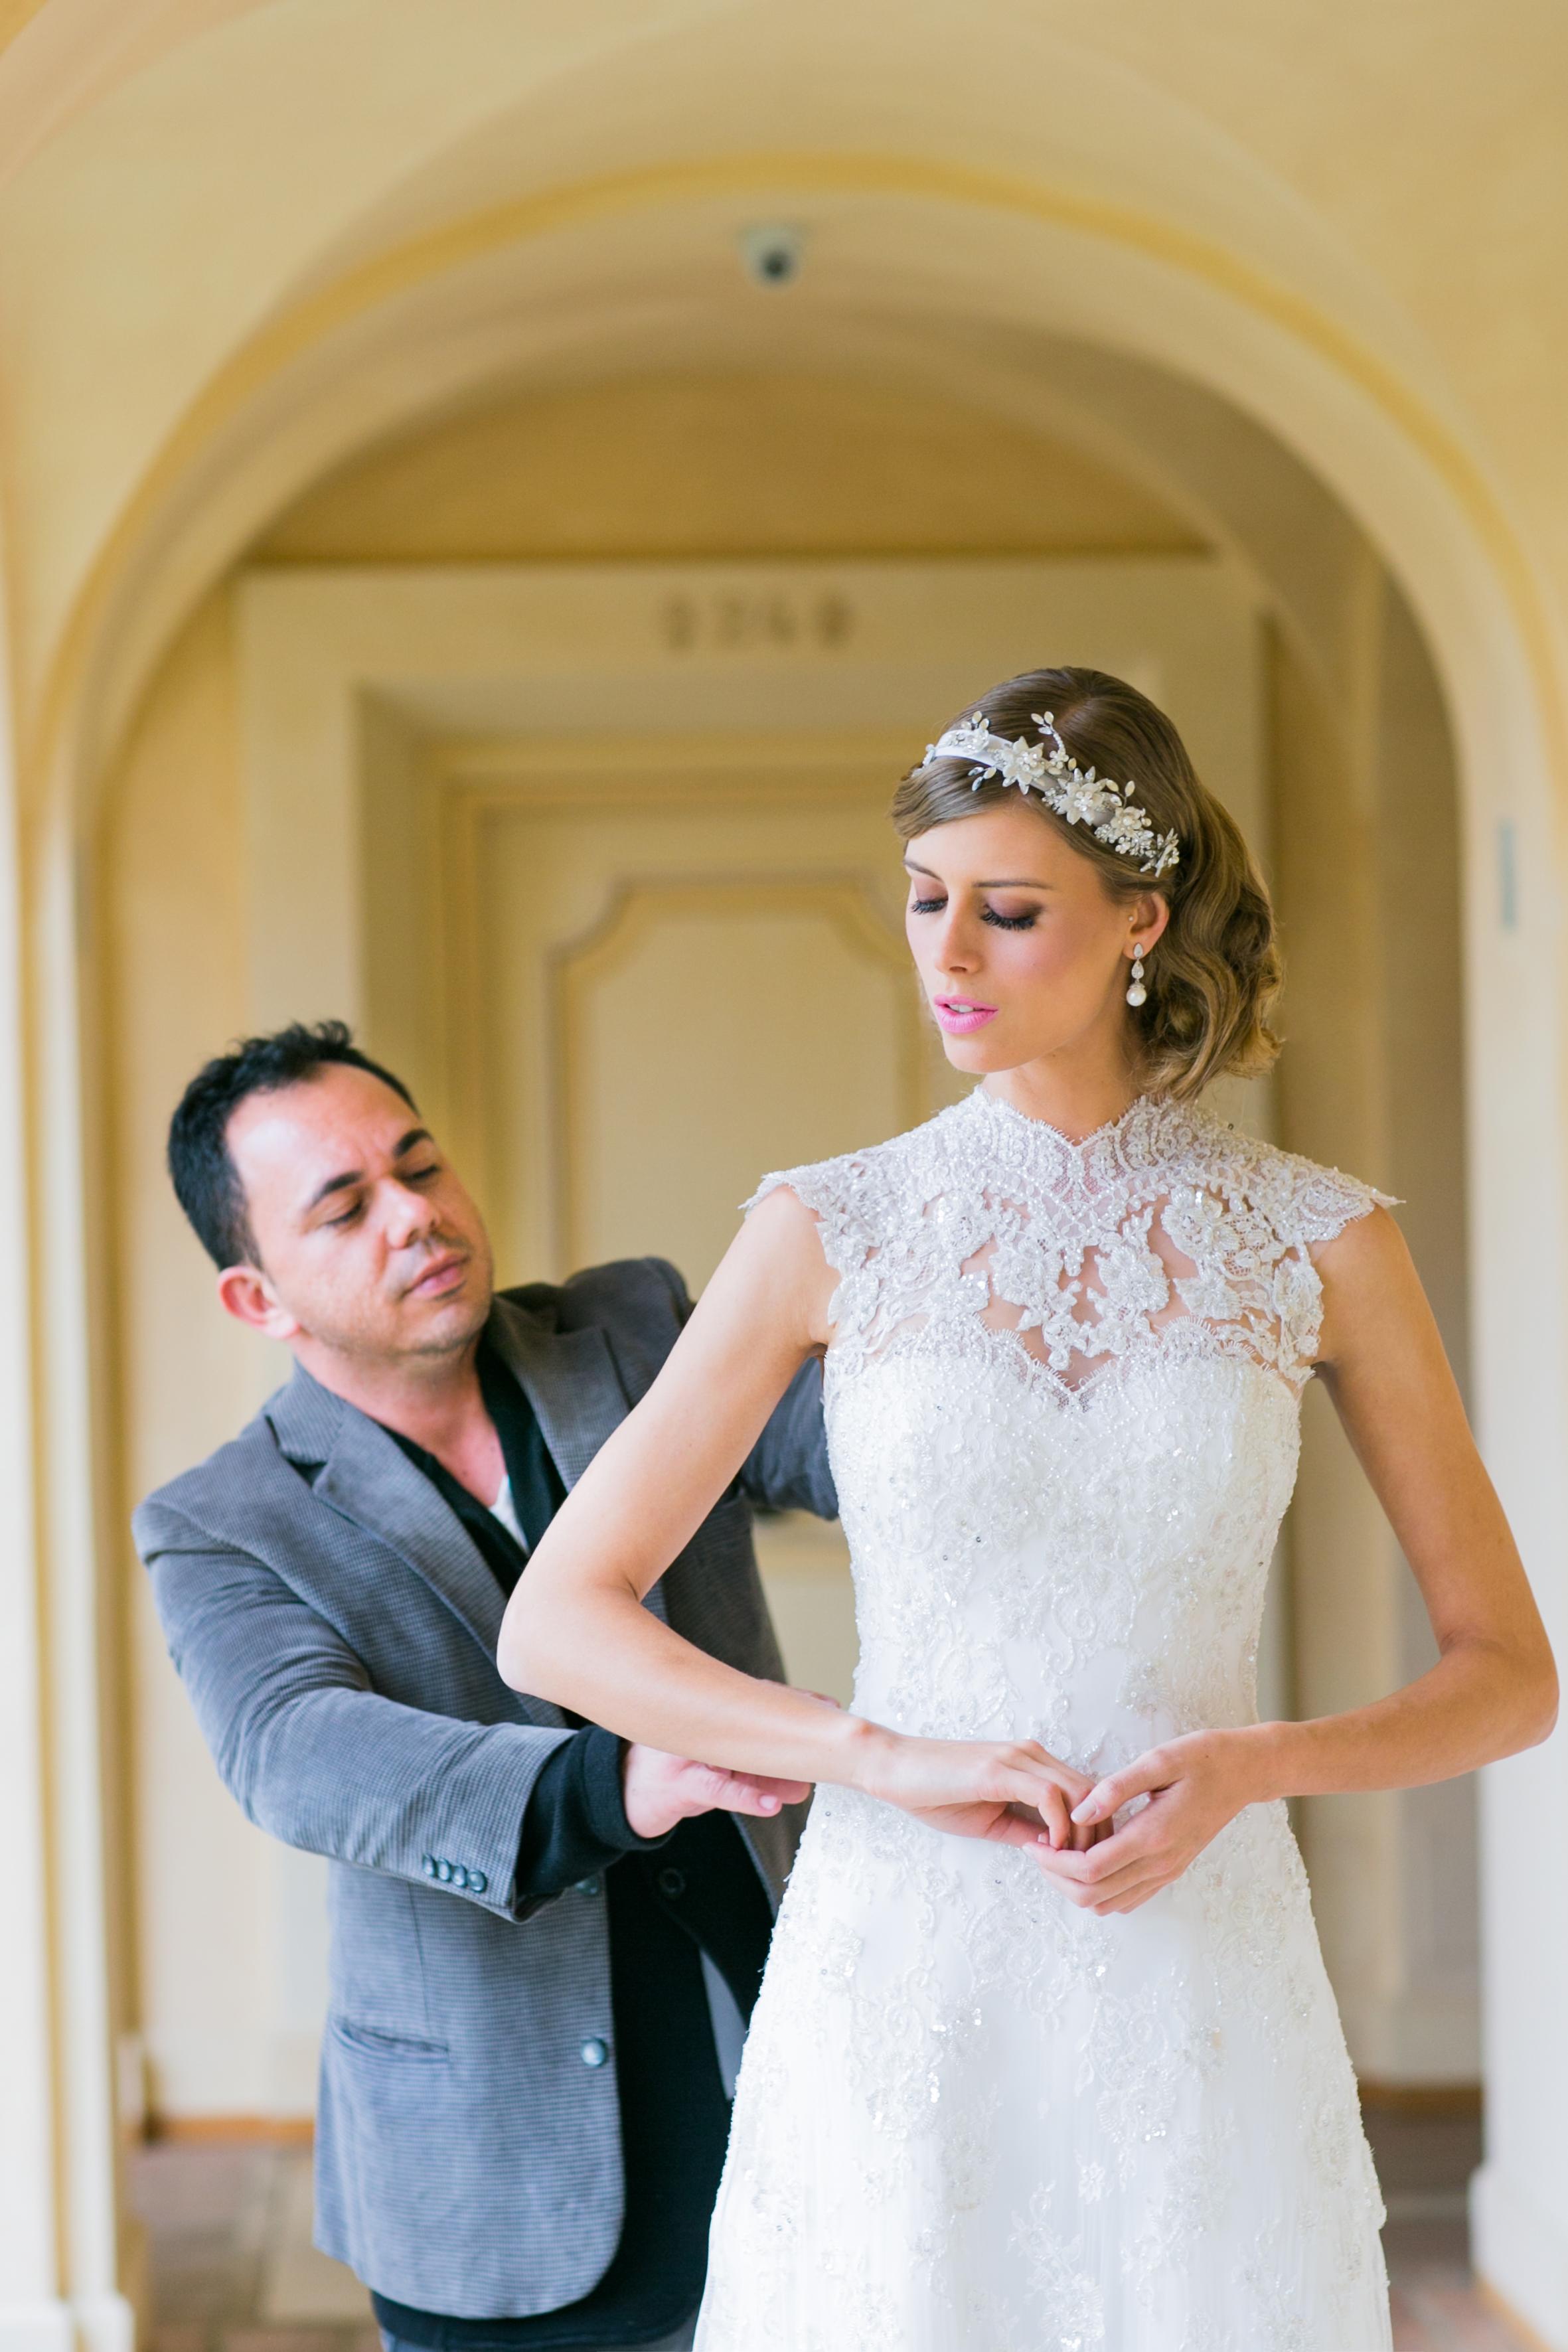 3538cc46034f Inspirado em conchas do mar e com foco na tendência de Destination Wedding,  o estilista Fernando Peixoto lança a Acqua Collection dia 25 de fevereiro  ...